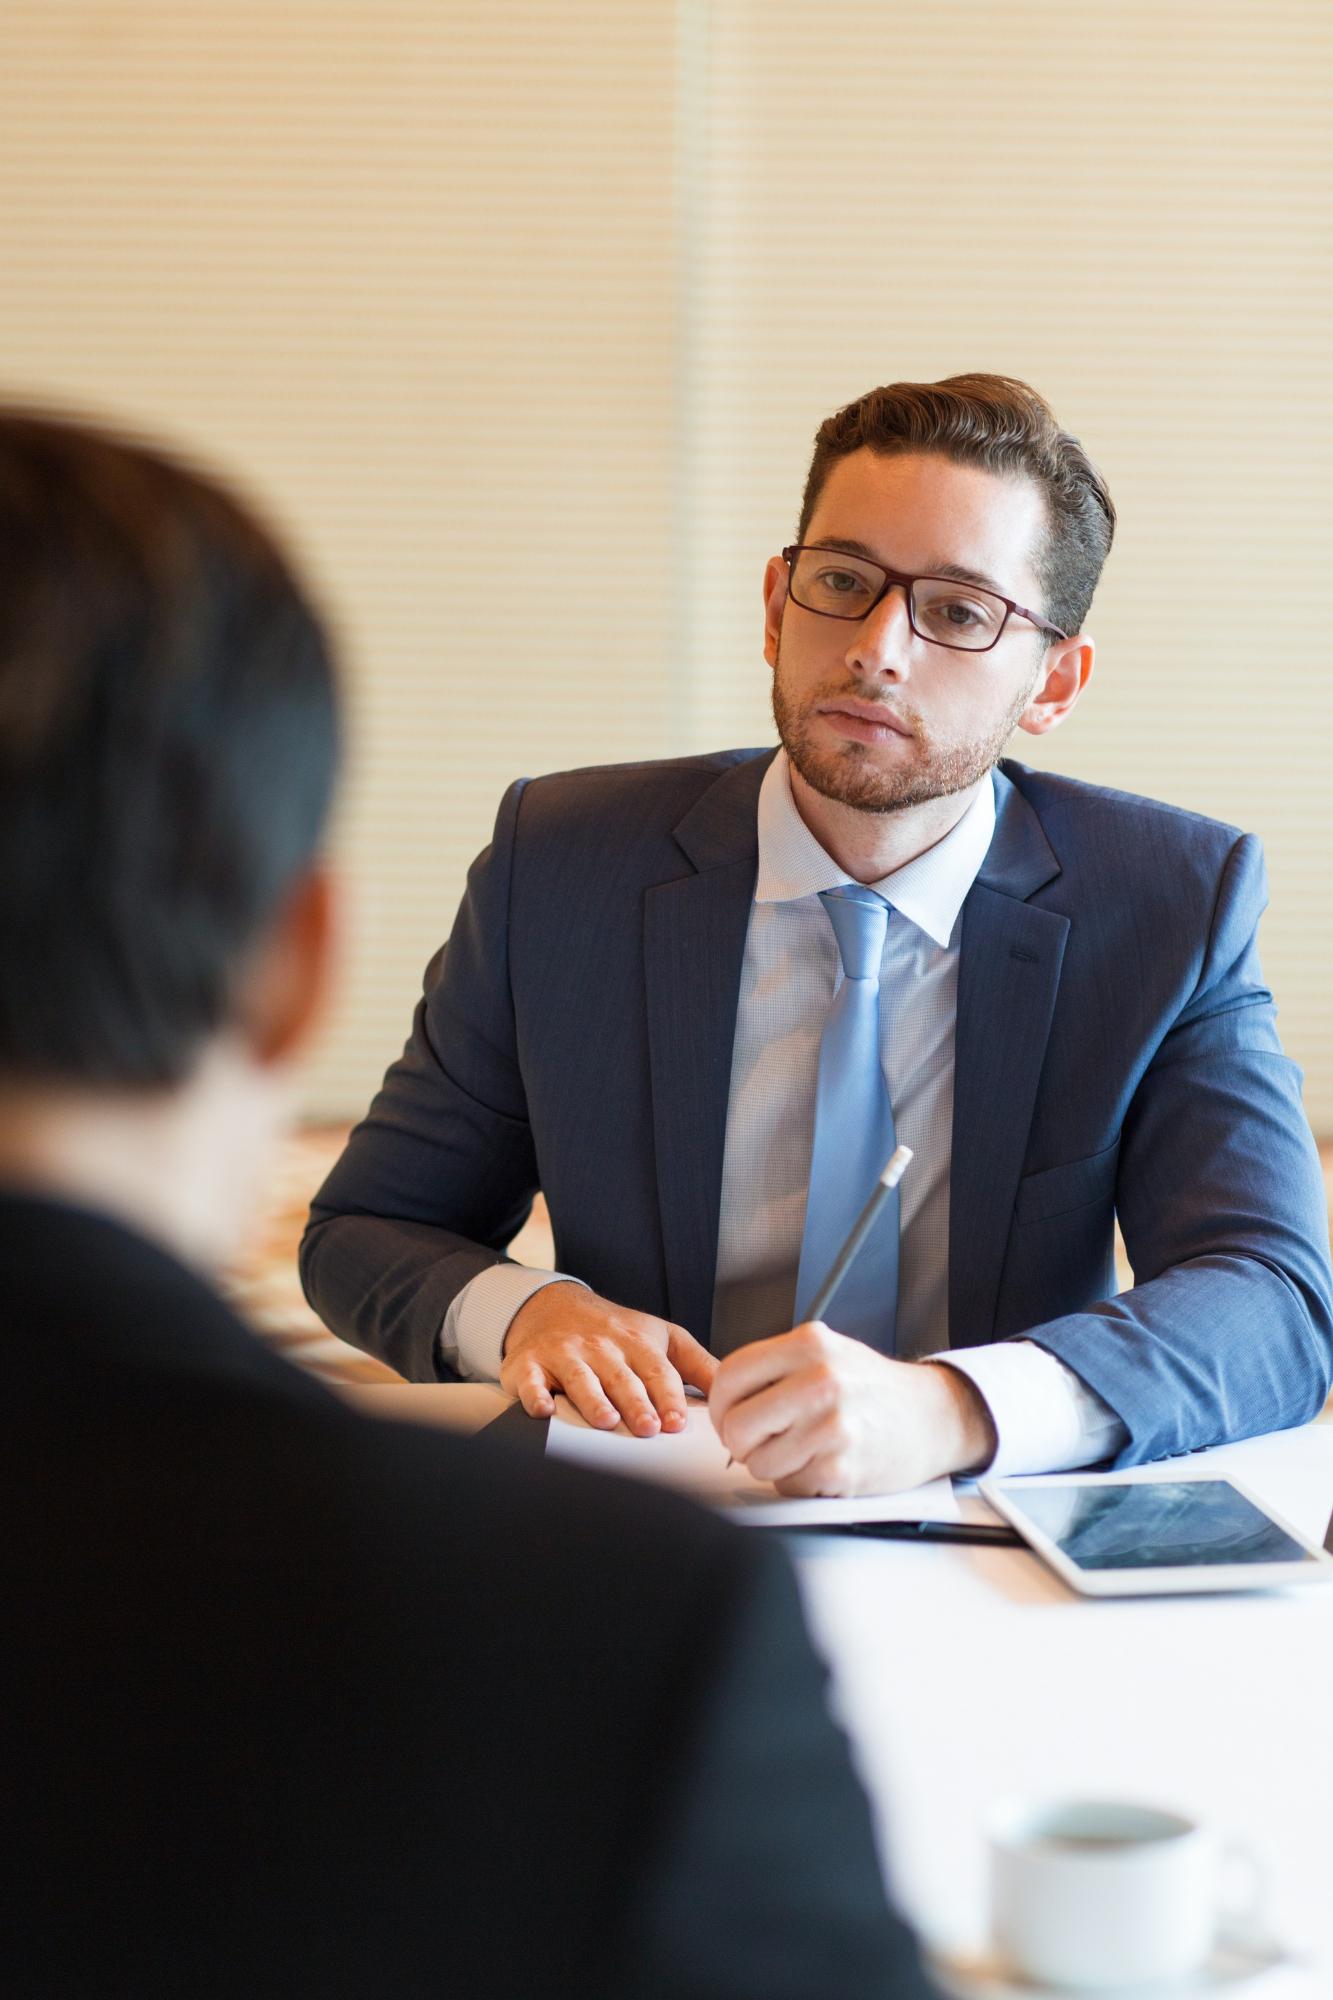 Mężczyzna w garniturze prowadzi rozmowę kwalifikacyjną